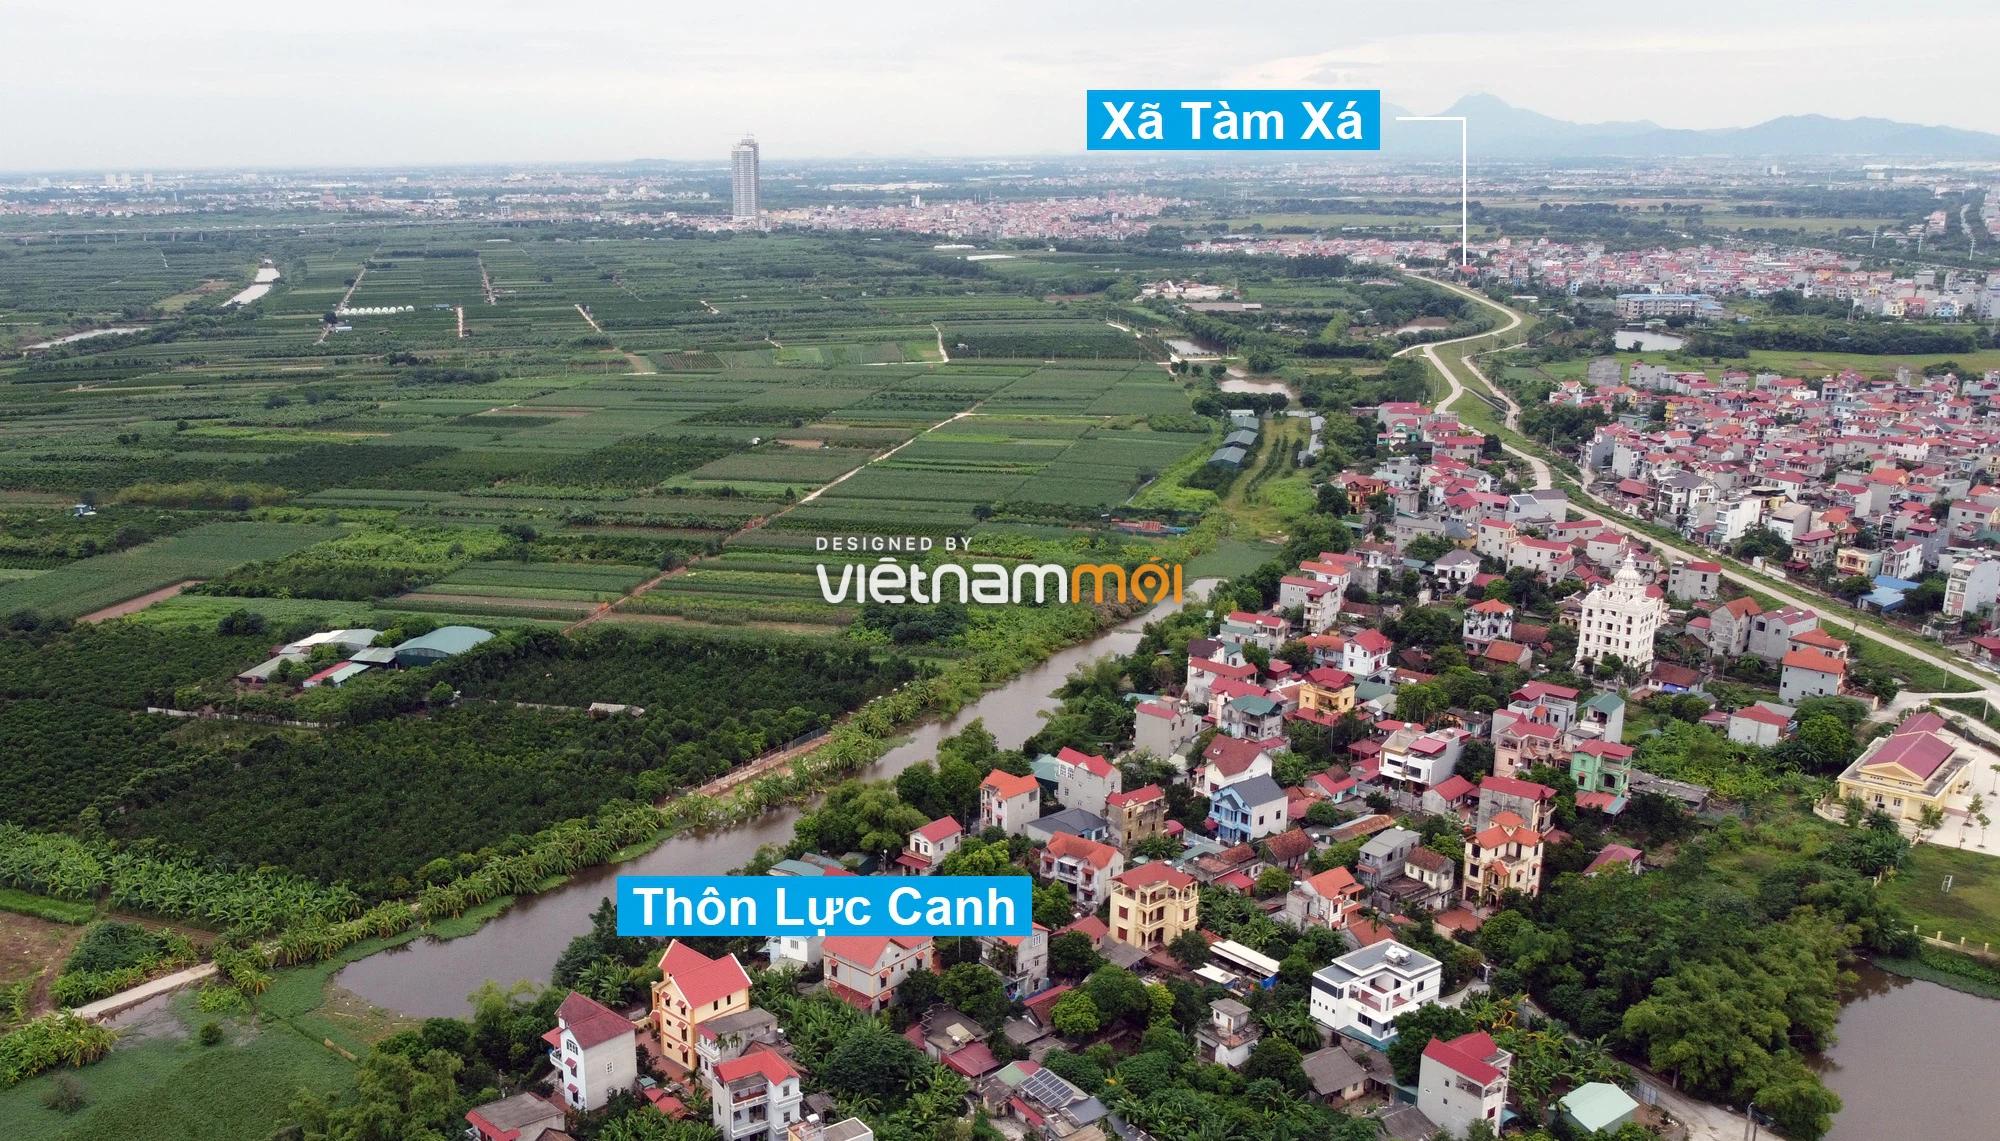 Hà Nội: Toàn cảnh hai bãi sông Hồng được phép xây dựng - Ảnh 8.